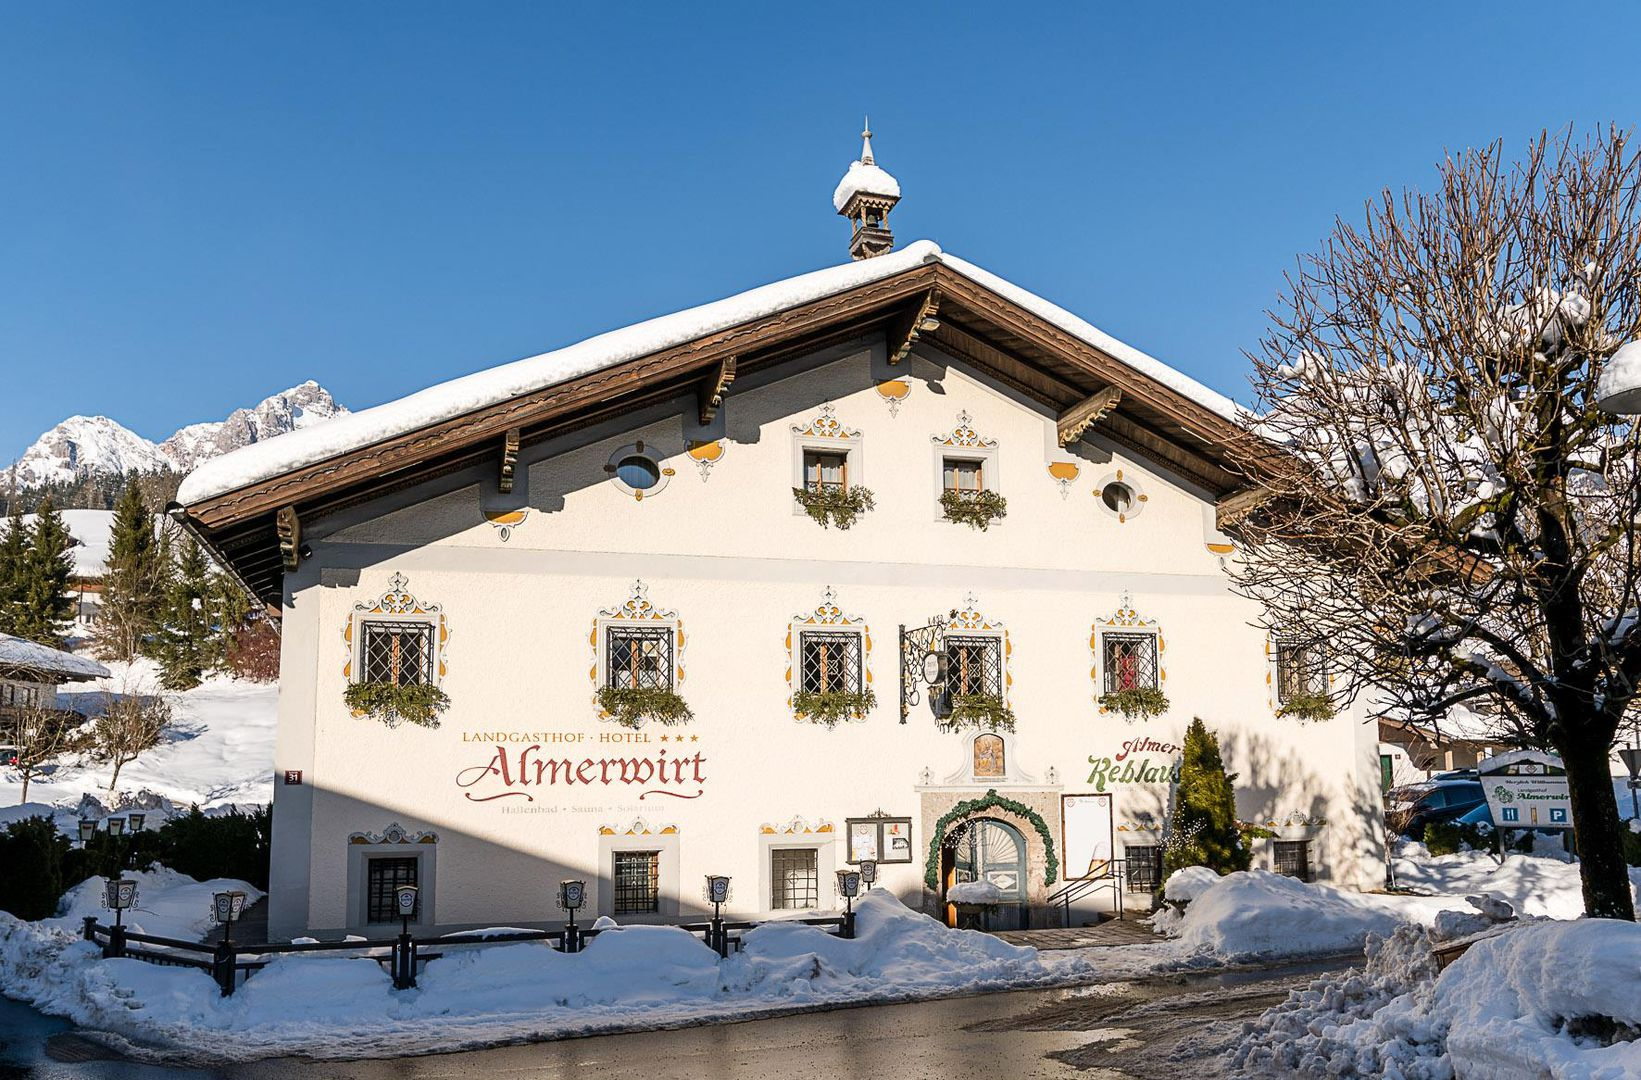 Landgasthof Almerwirt - Slide 1